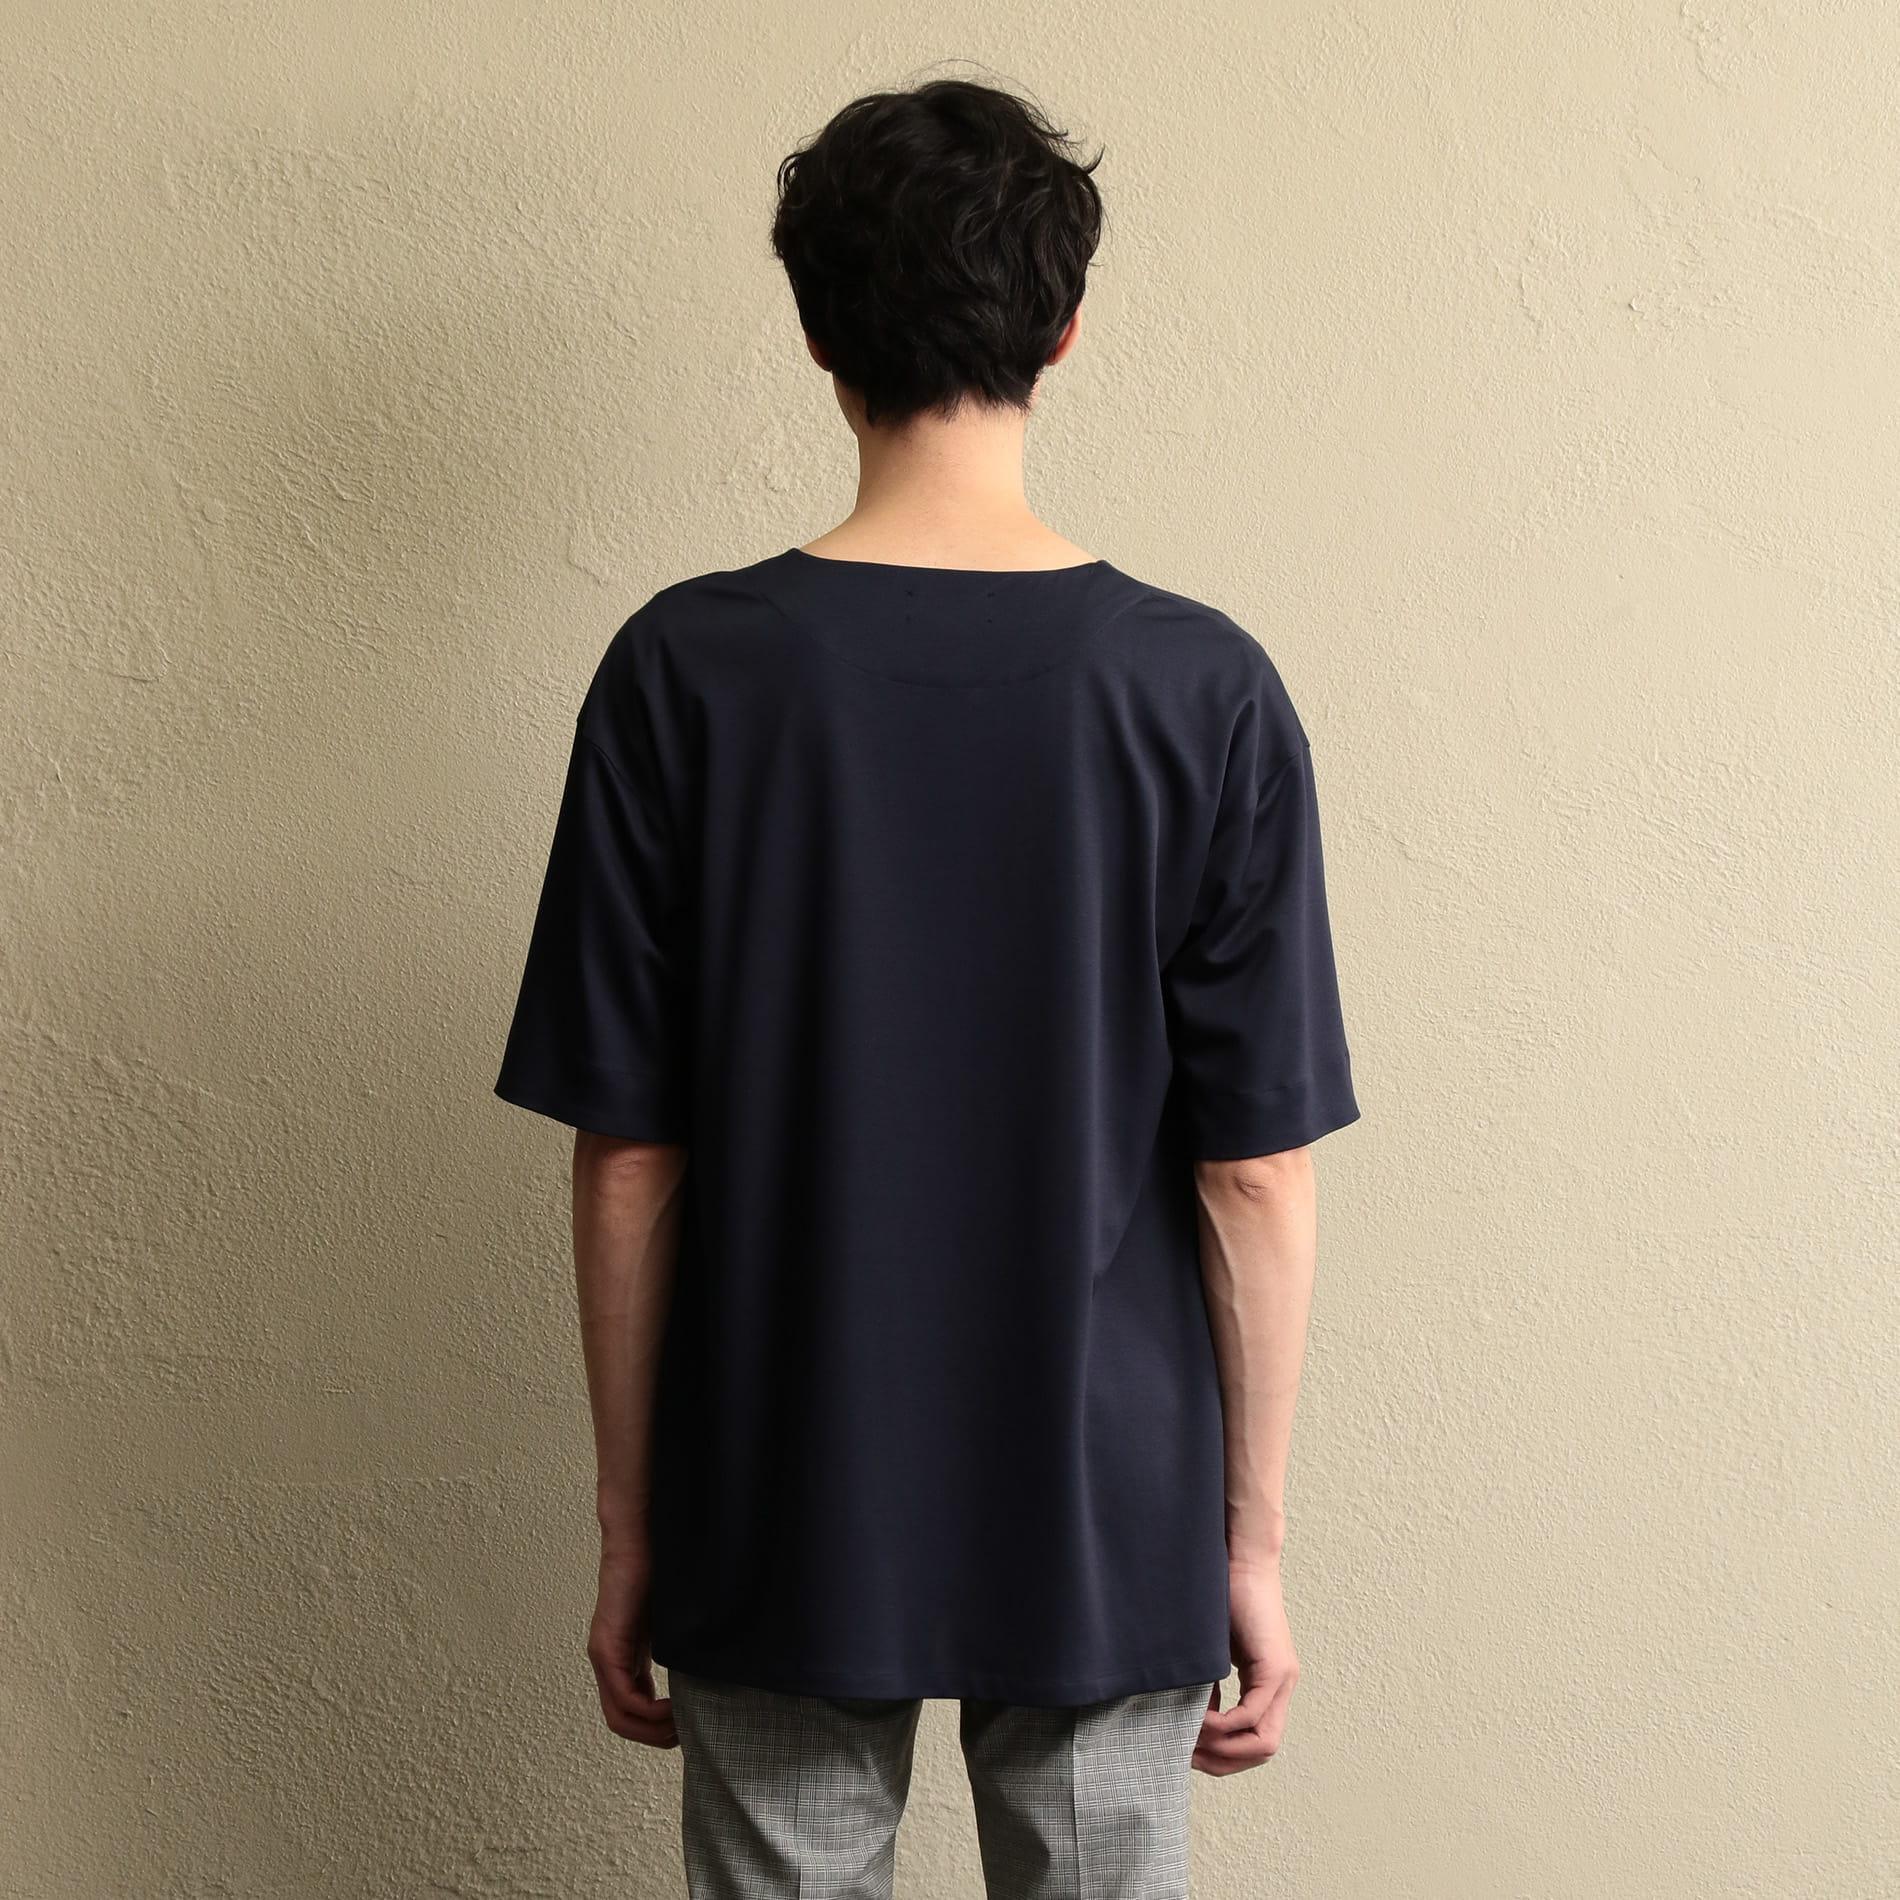 【LF】MEN カットソーポンチクルーネックシャツ